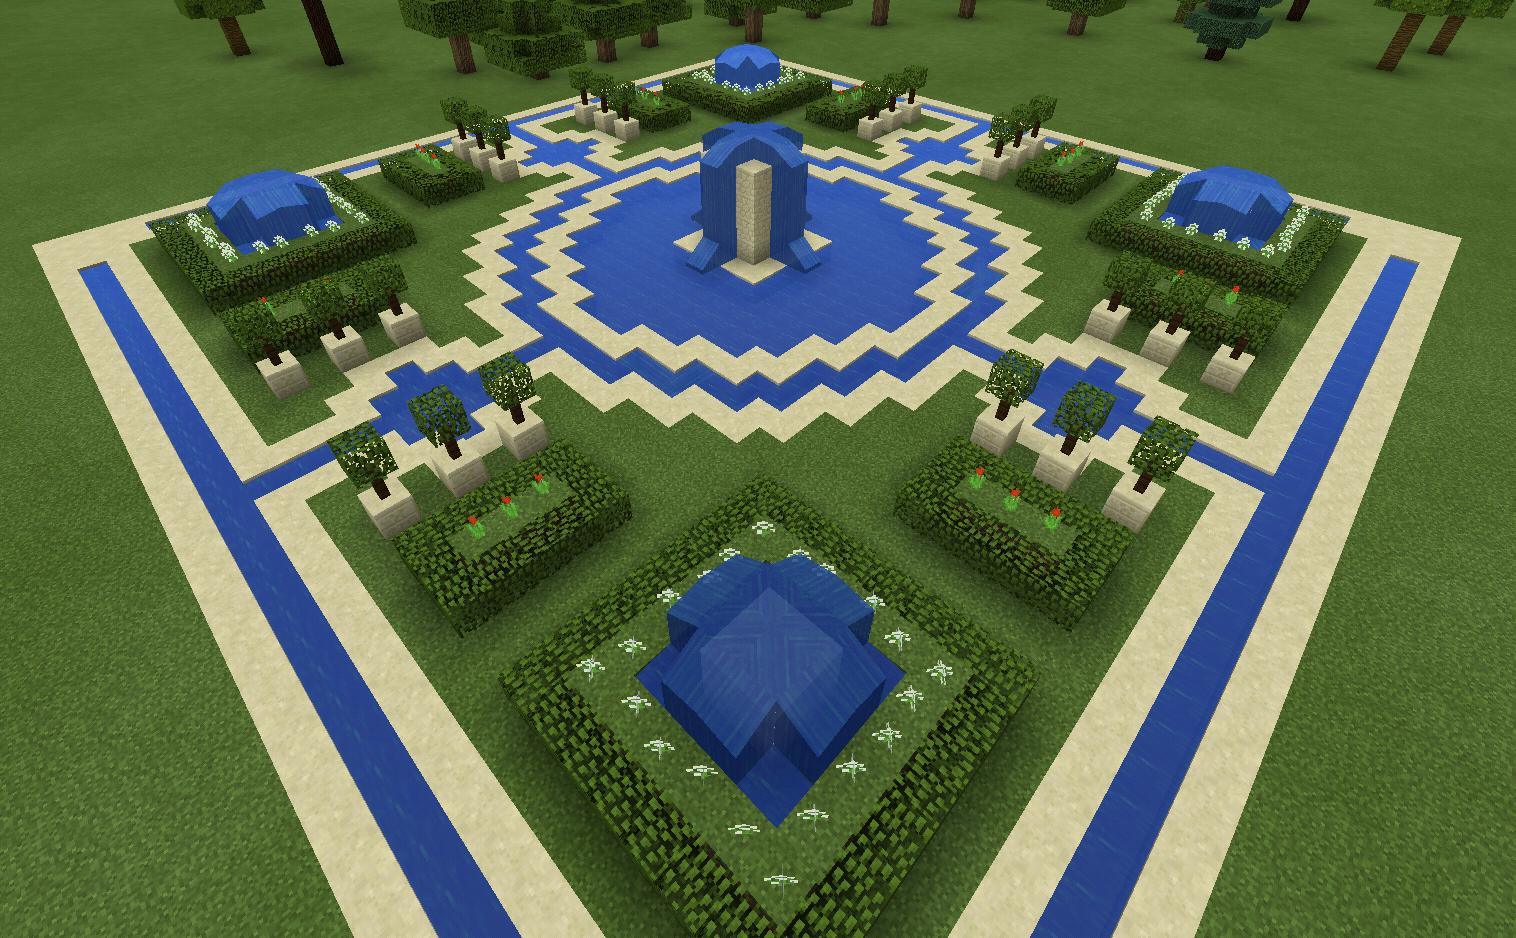 Minecraft Fountain Garden Maze | Minecraft Creations ...